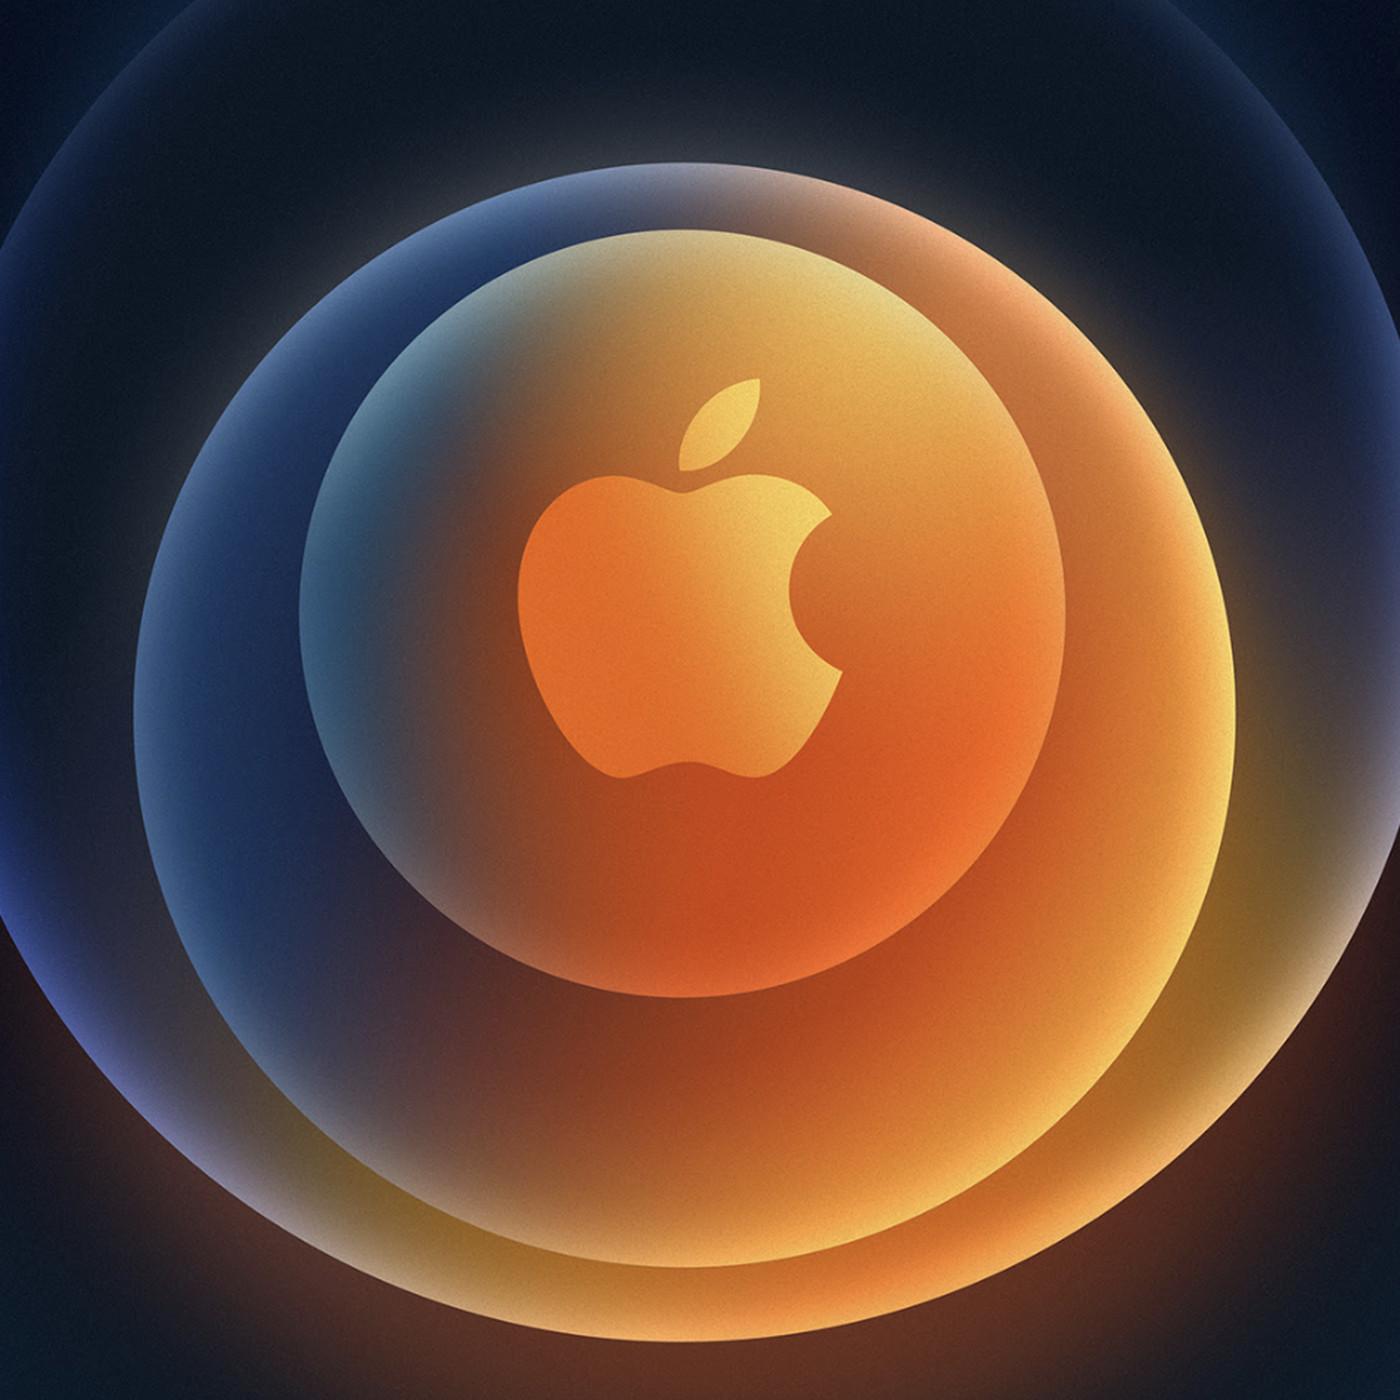 Có Phải Cổ Phiếu Apple Đang Có Định Giá Quá Cao?